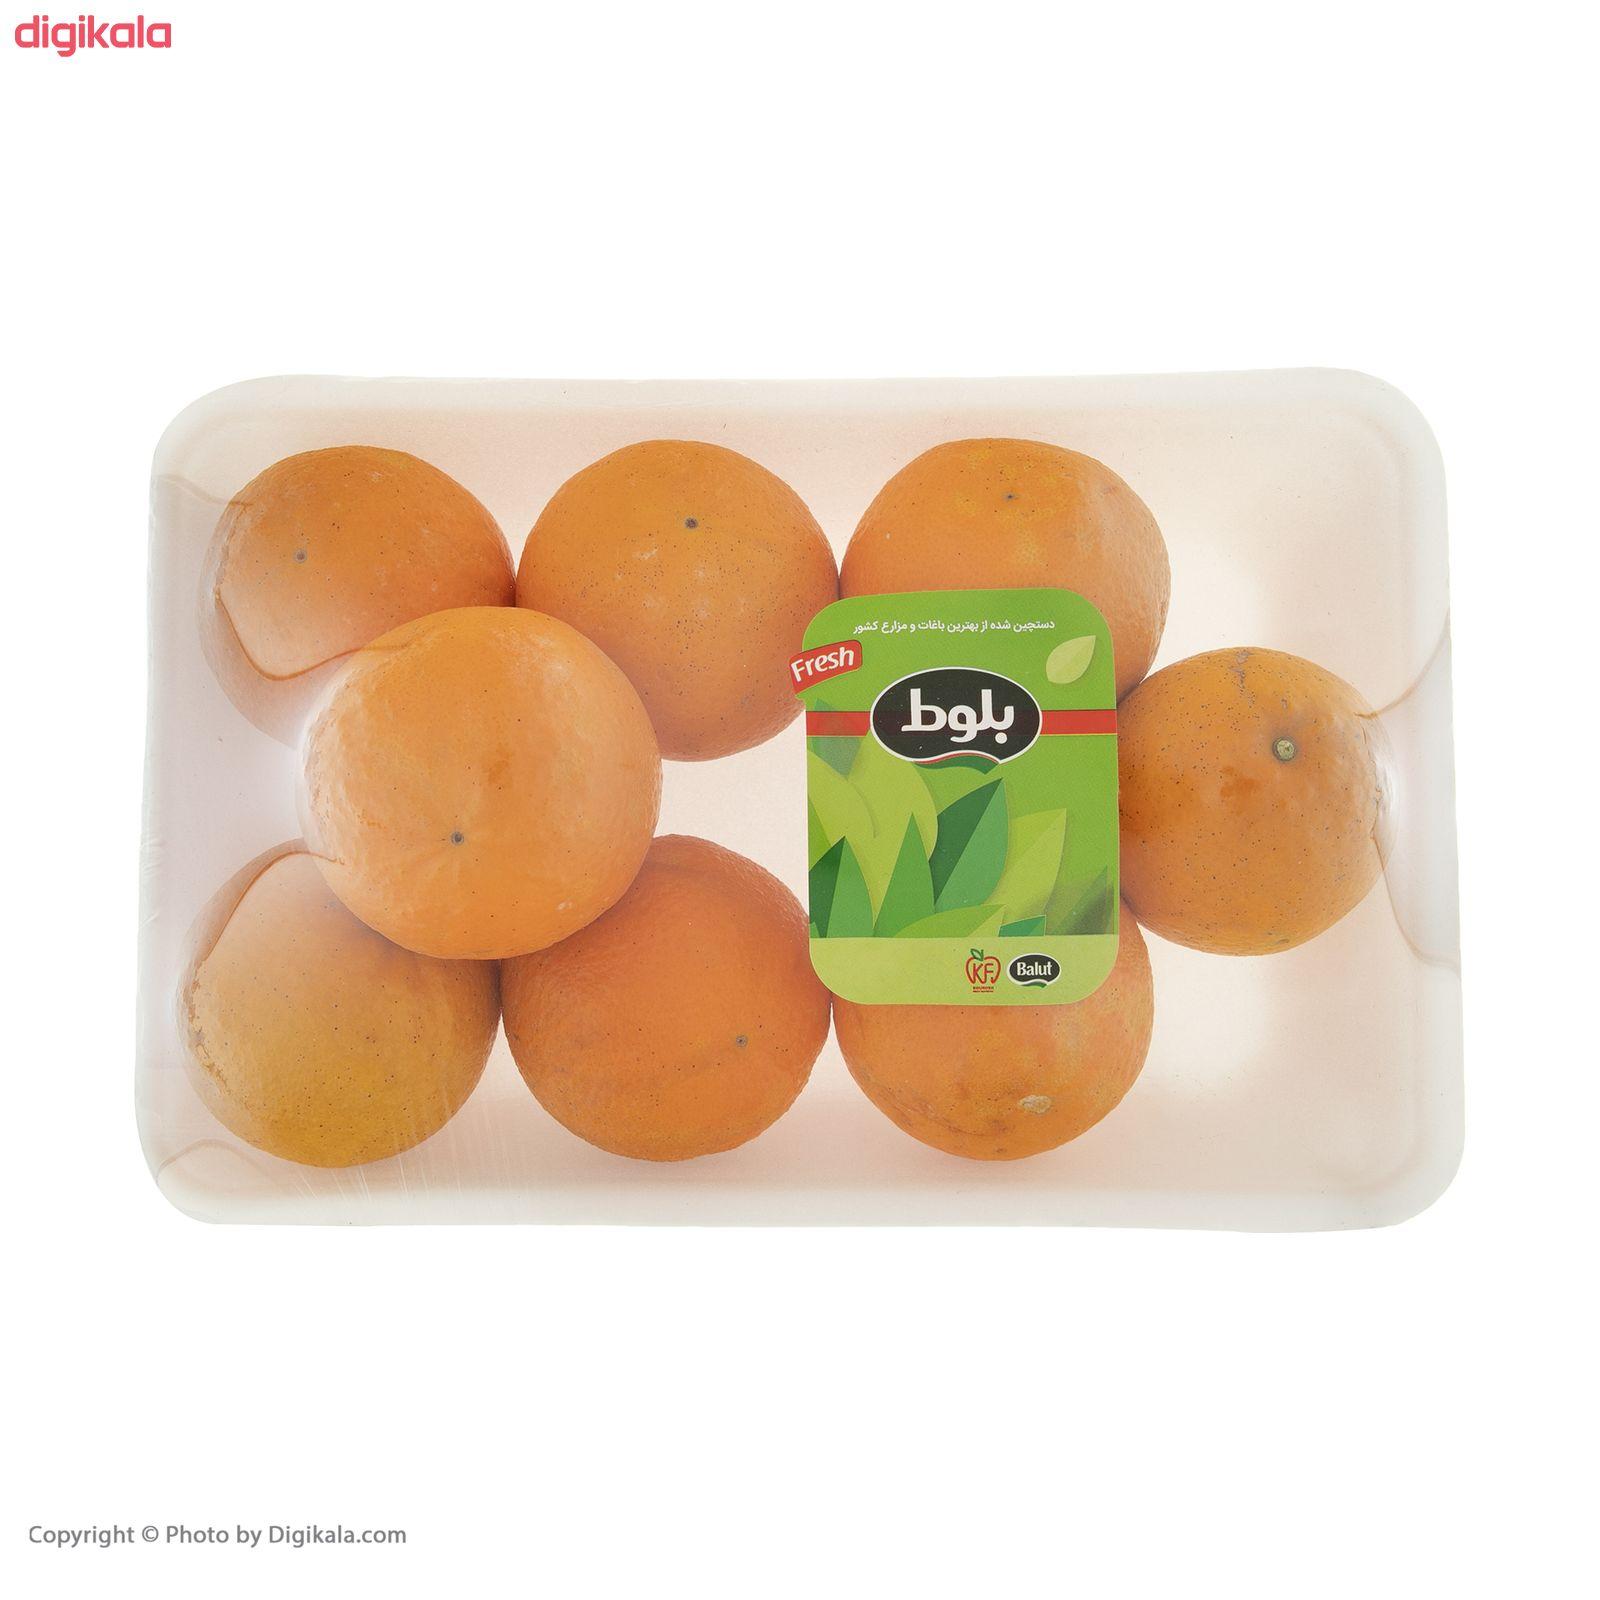 پرتقال رسمی شمال آبگیری بلوط - 1 کیلوگرم  main 1 3